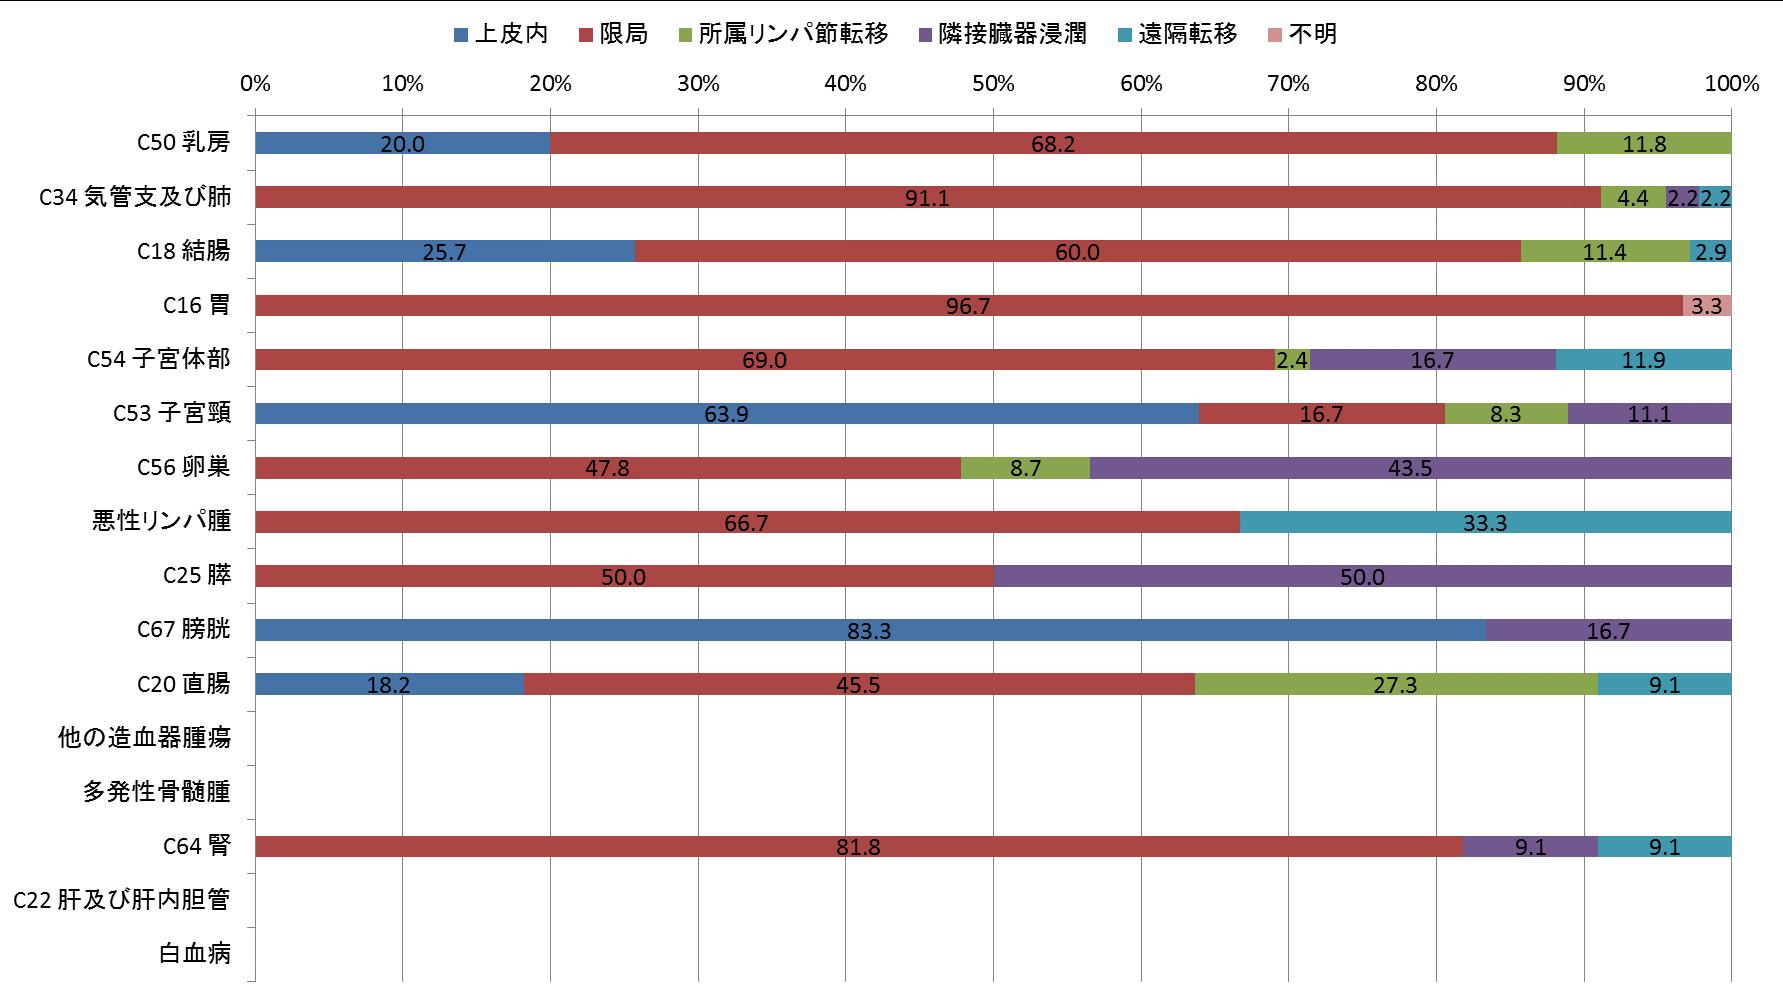 図11-3 進展度別登録数(術後病理学的)(女、登録数2桁以上のみ) ❋「手術なし又は術前治療後」及び「該当せず」を除いて集計